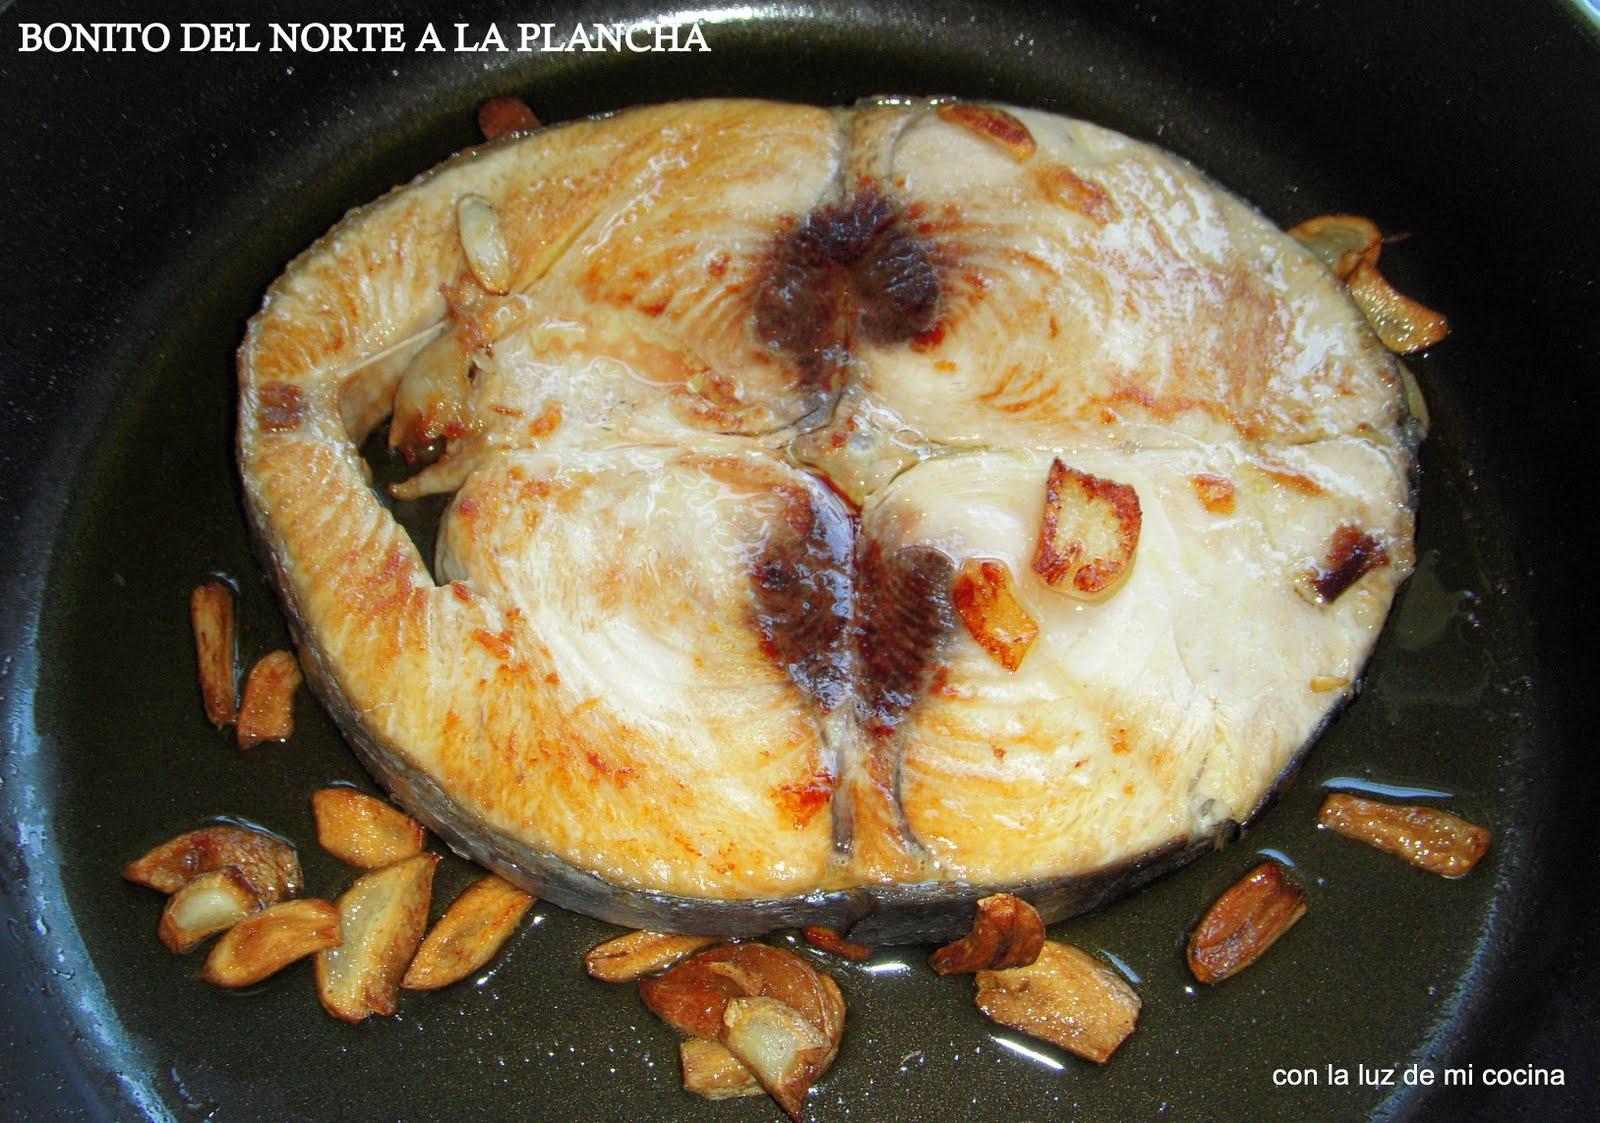 Como Cocinar El Bonito | Con La Luz De Mi Cocina Bonito Del Norte A La Plancha Y Bizcocho